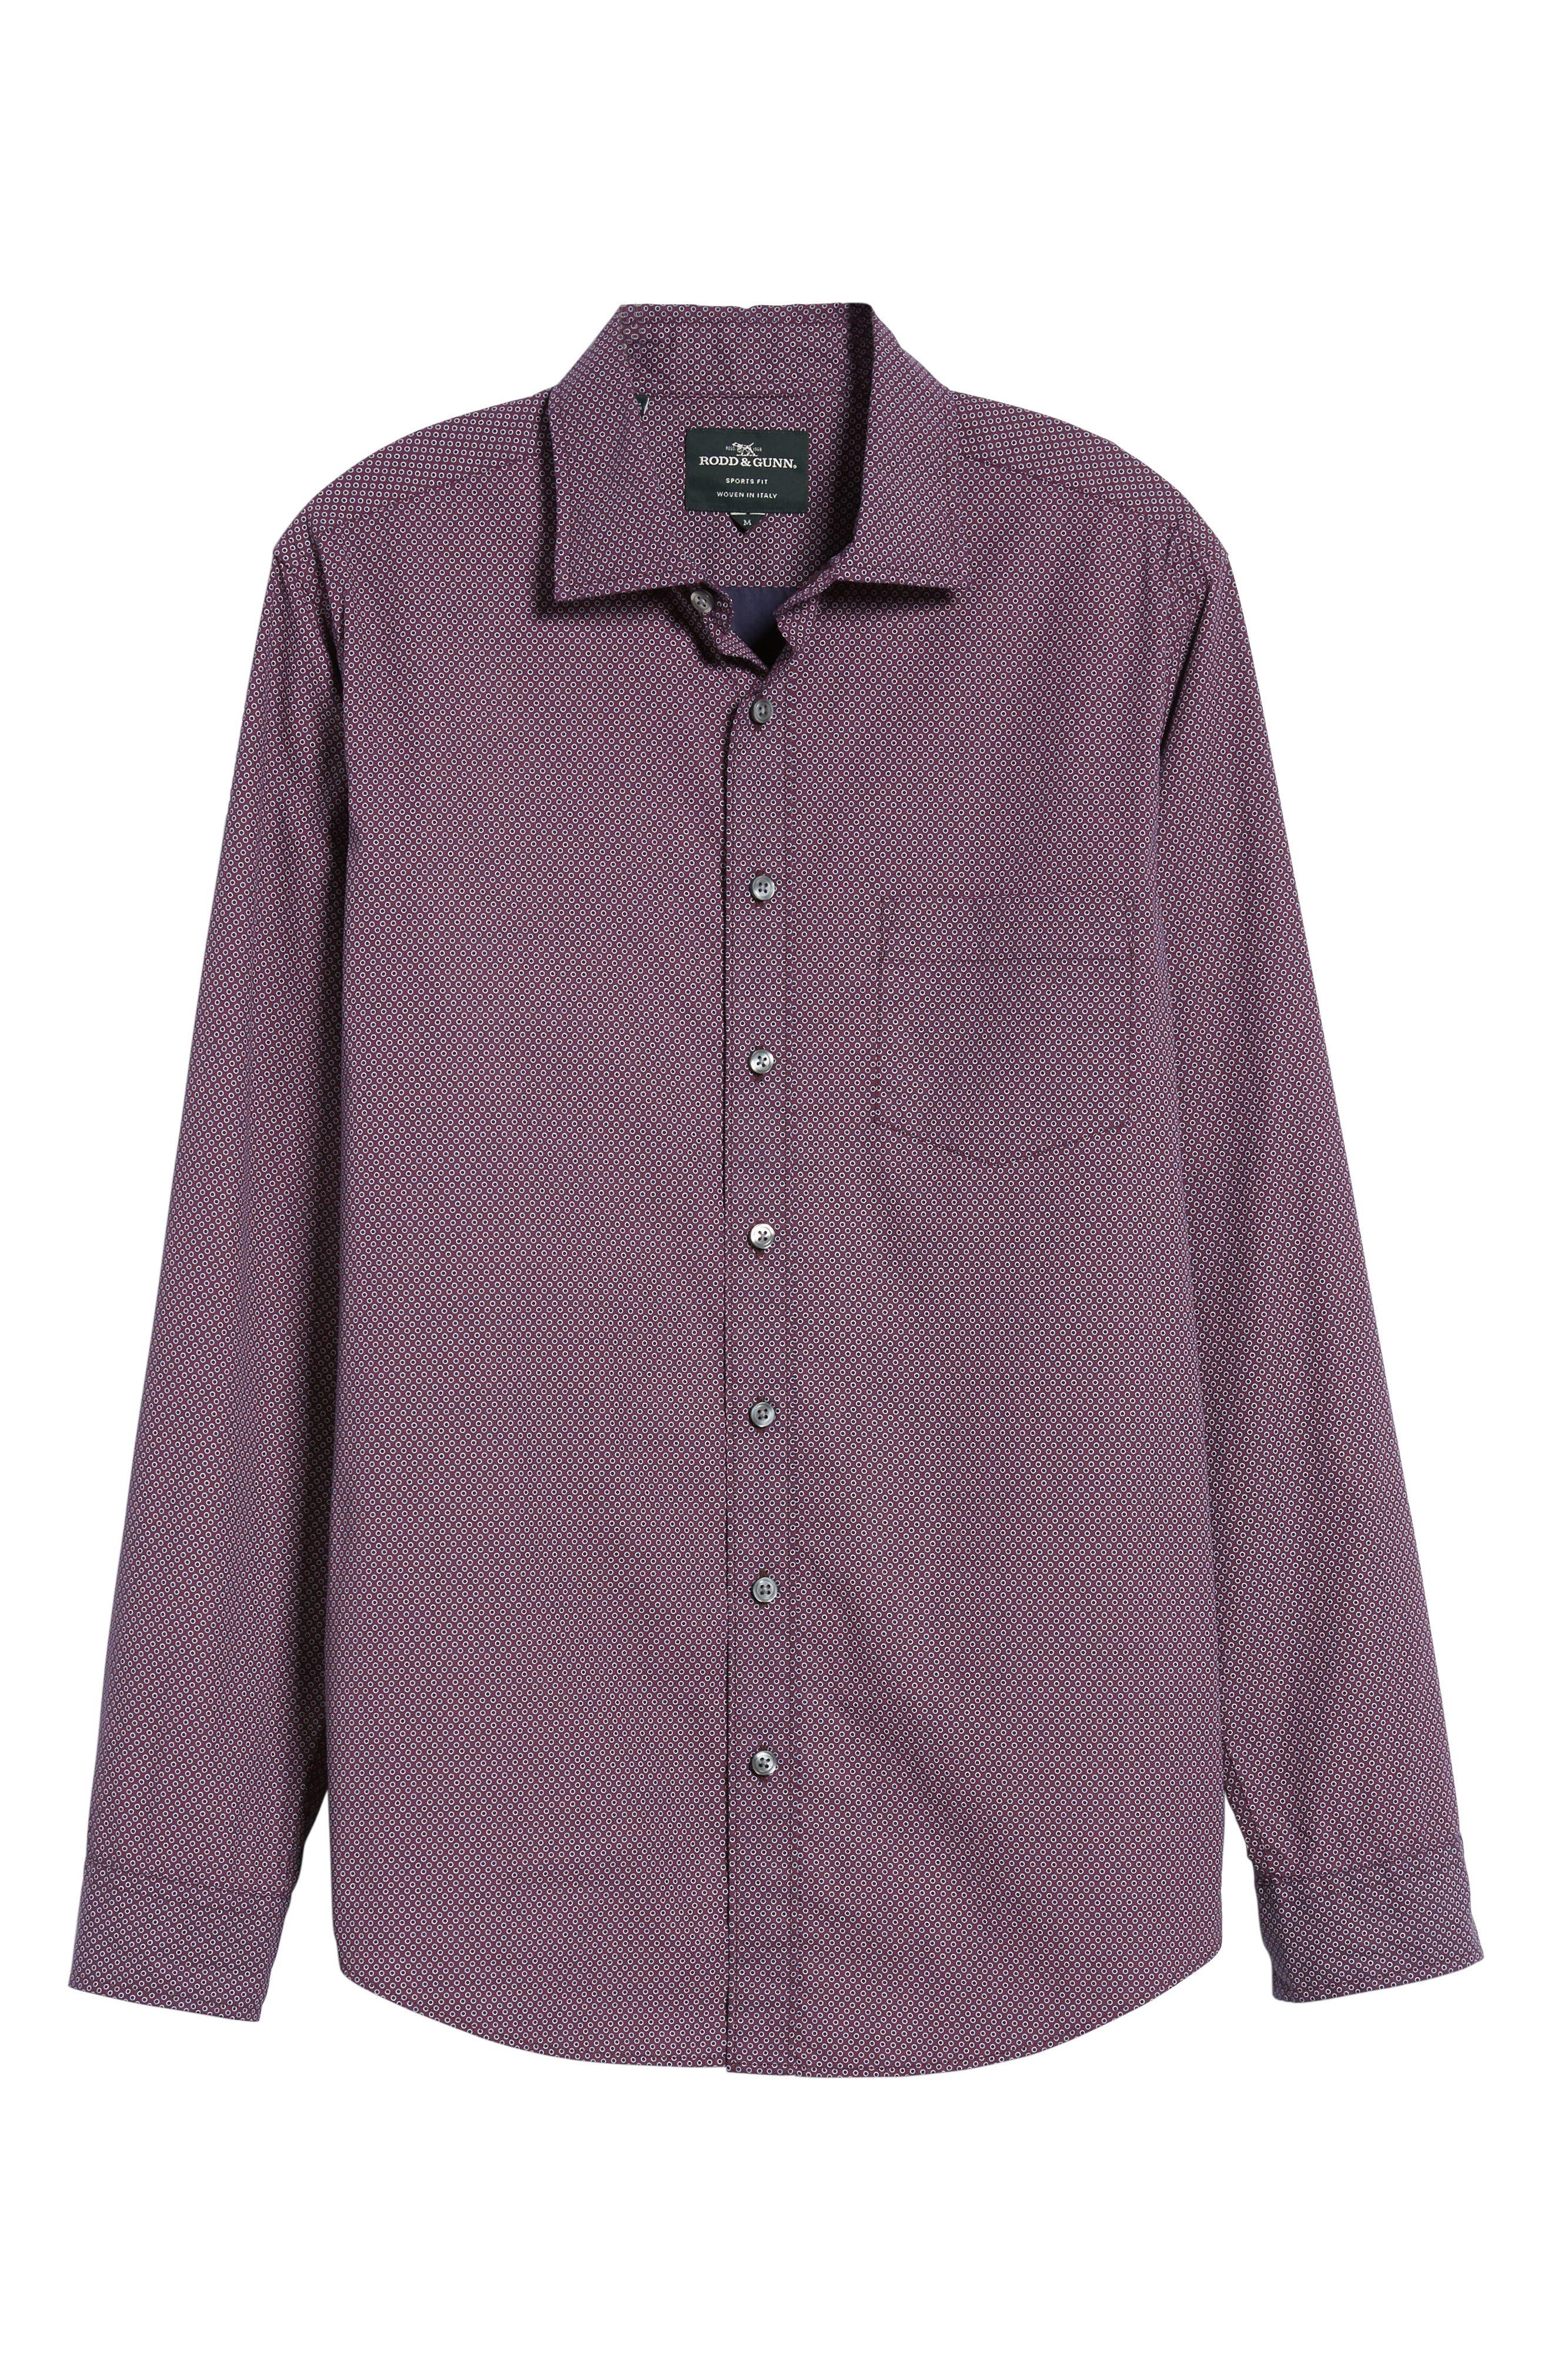 Ingleton Regular Fit Dot Sport Shirt,                             Alternate thumbnail 6, color,                             Merlot